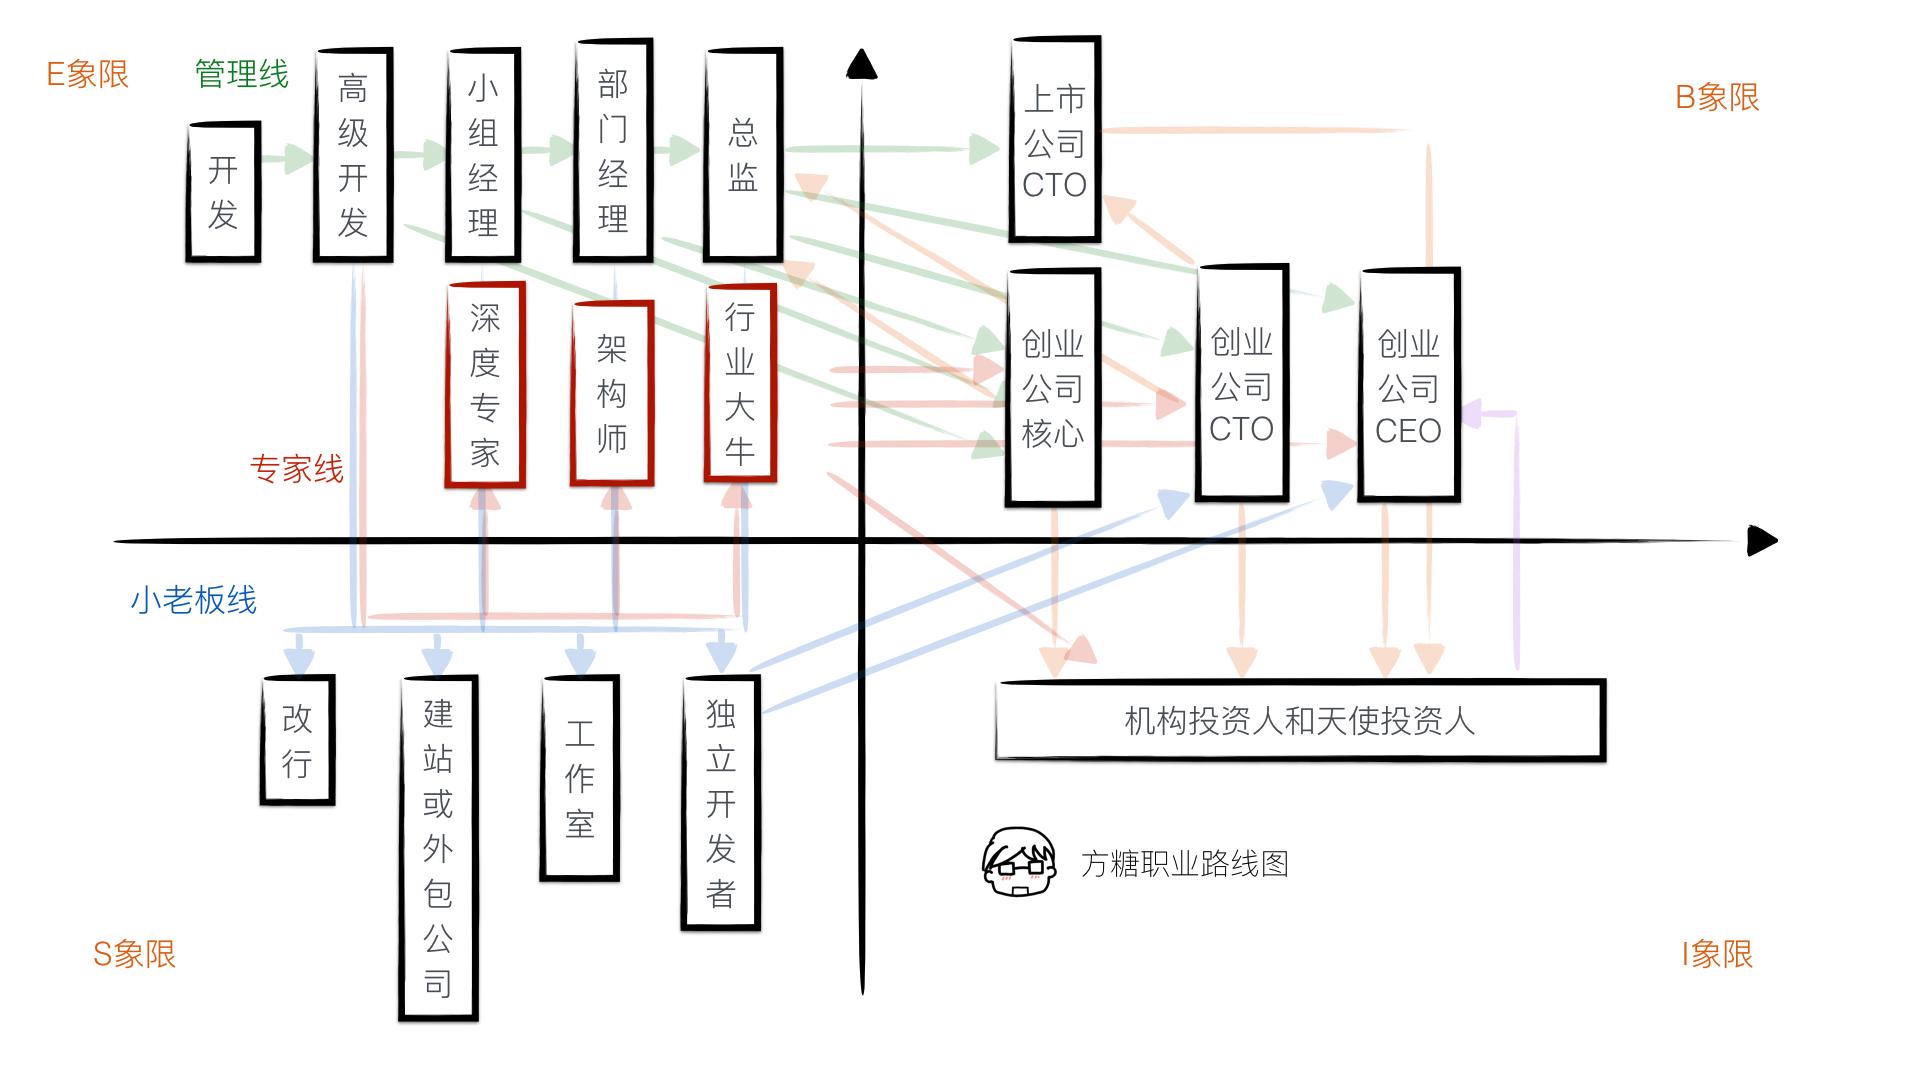 职业路线图